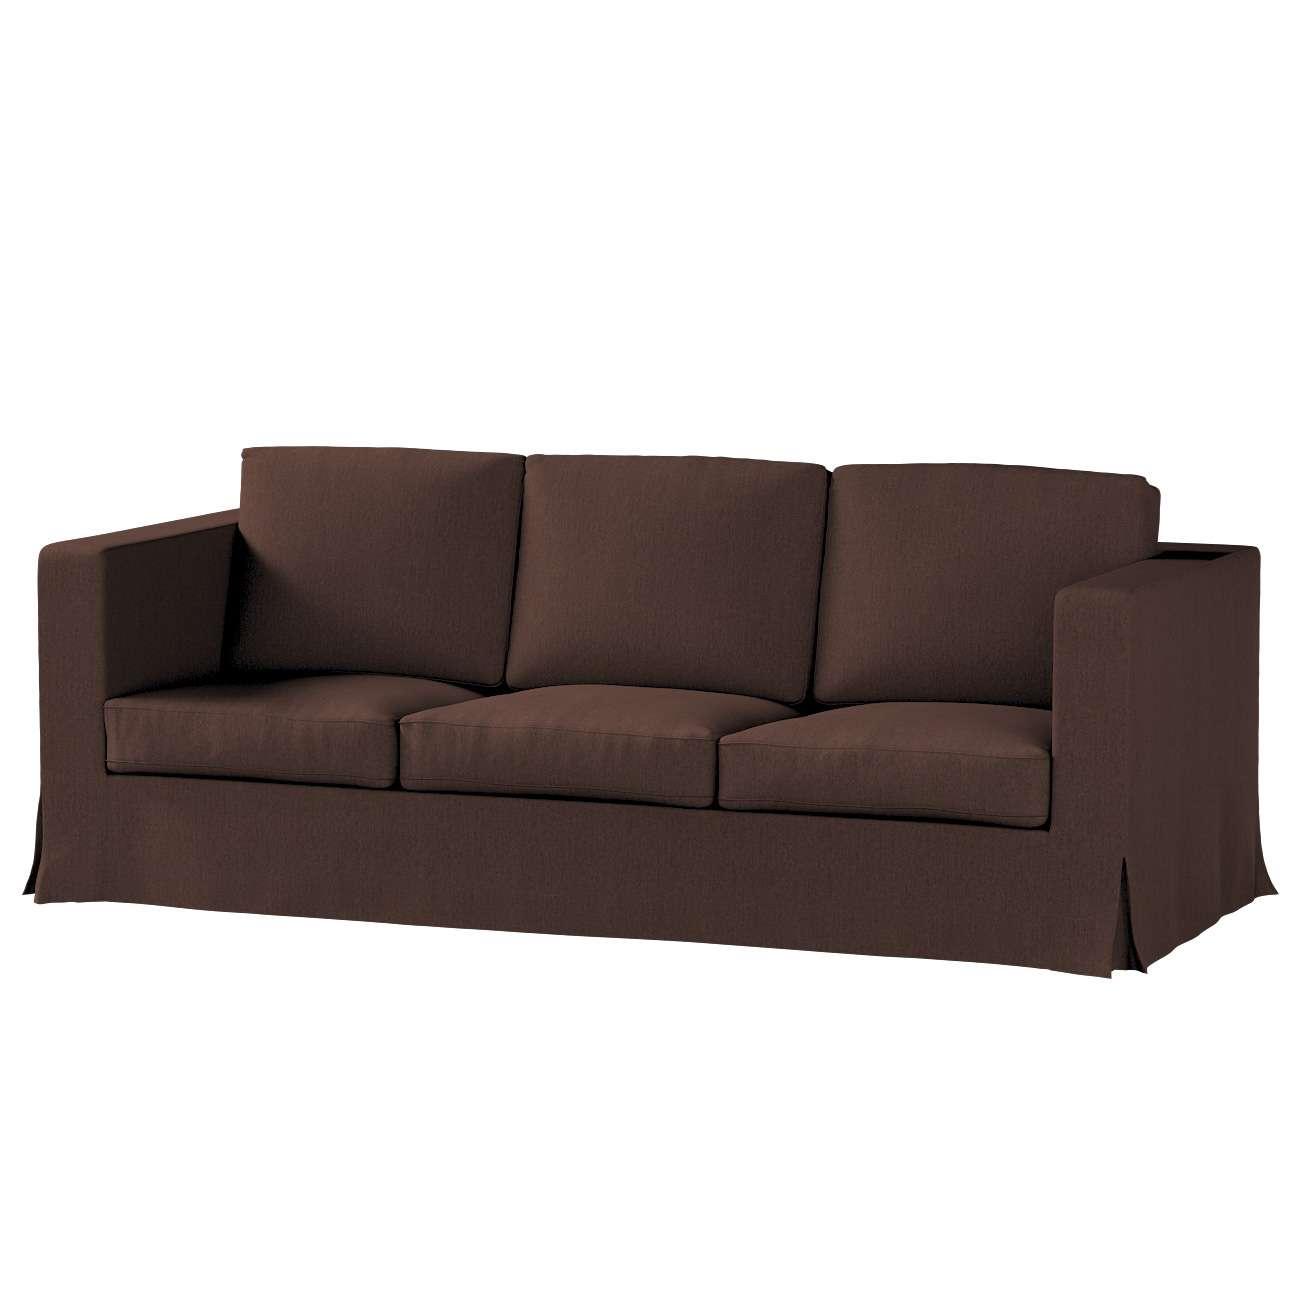 KARLANDA trivietės sofos iki žemės užvalkalas KARLANDA trivietės sofos iki žemės užvalkalas kolekcijoje Chenille, audinys: 702-18